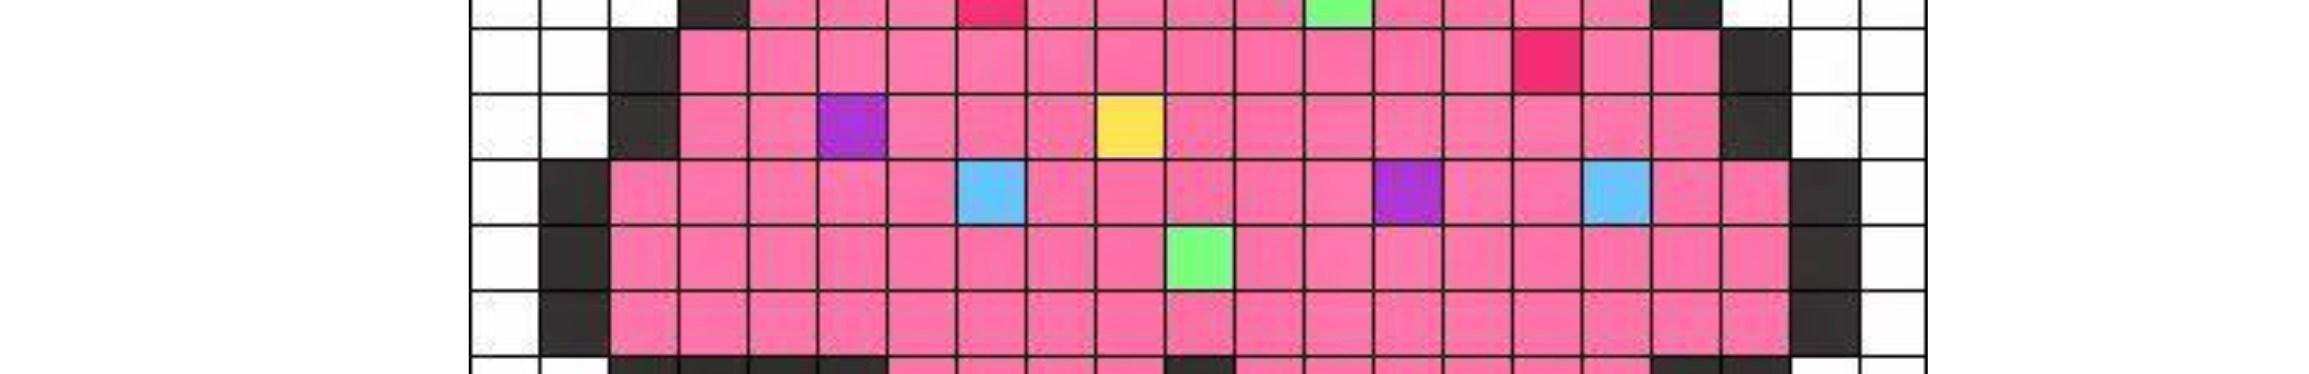 pixel art nouvelles fiches-10